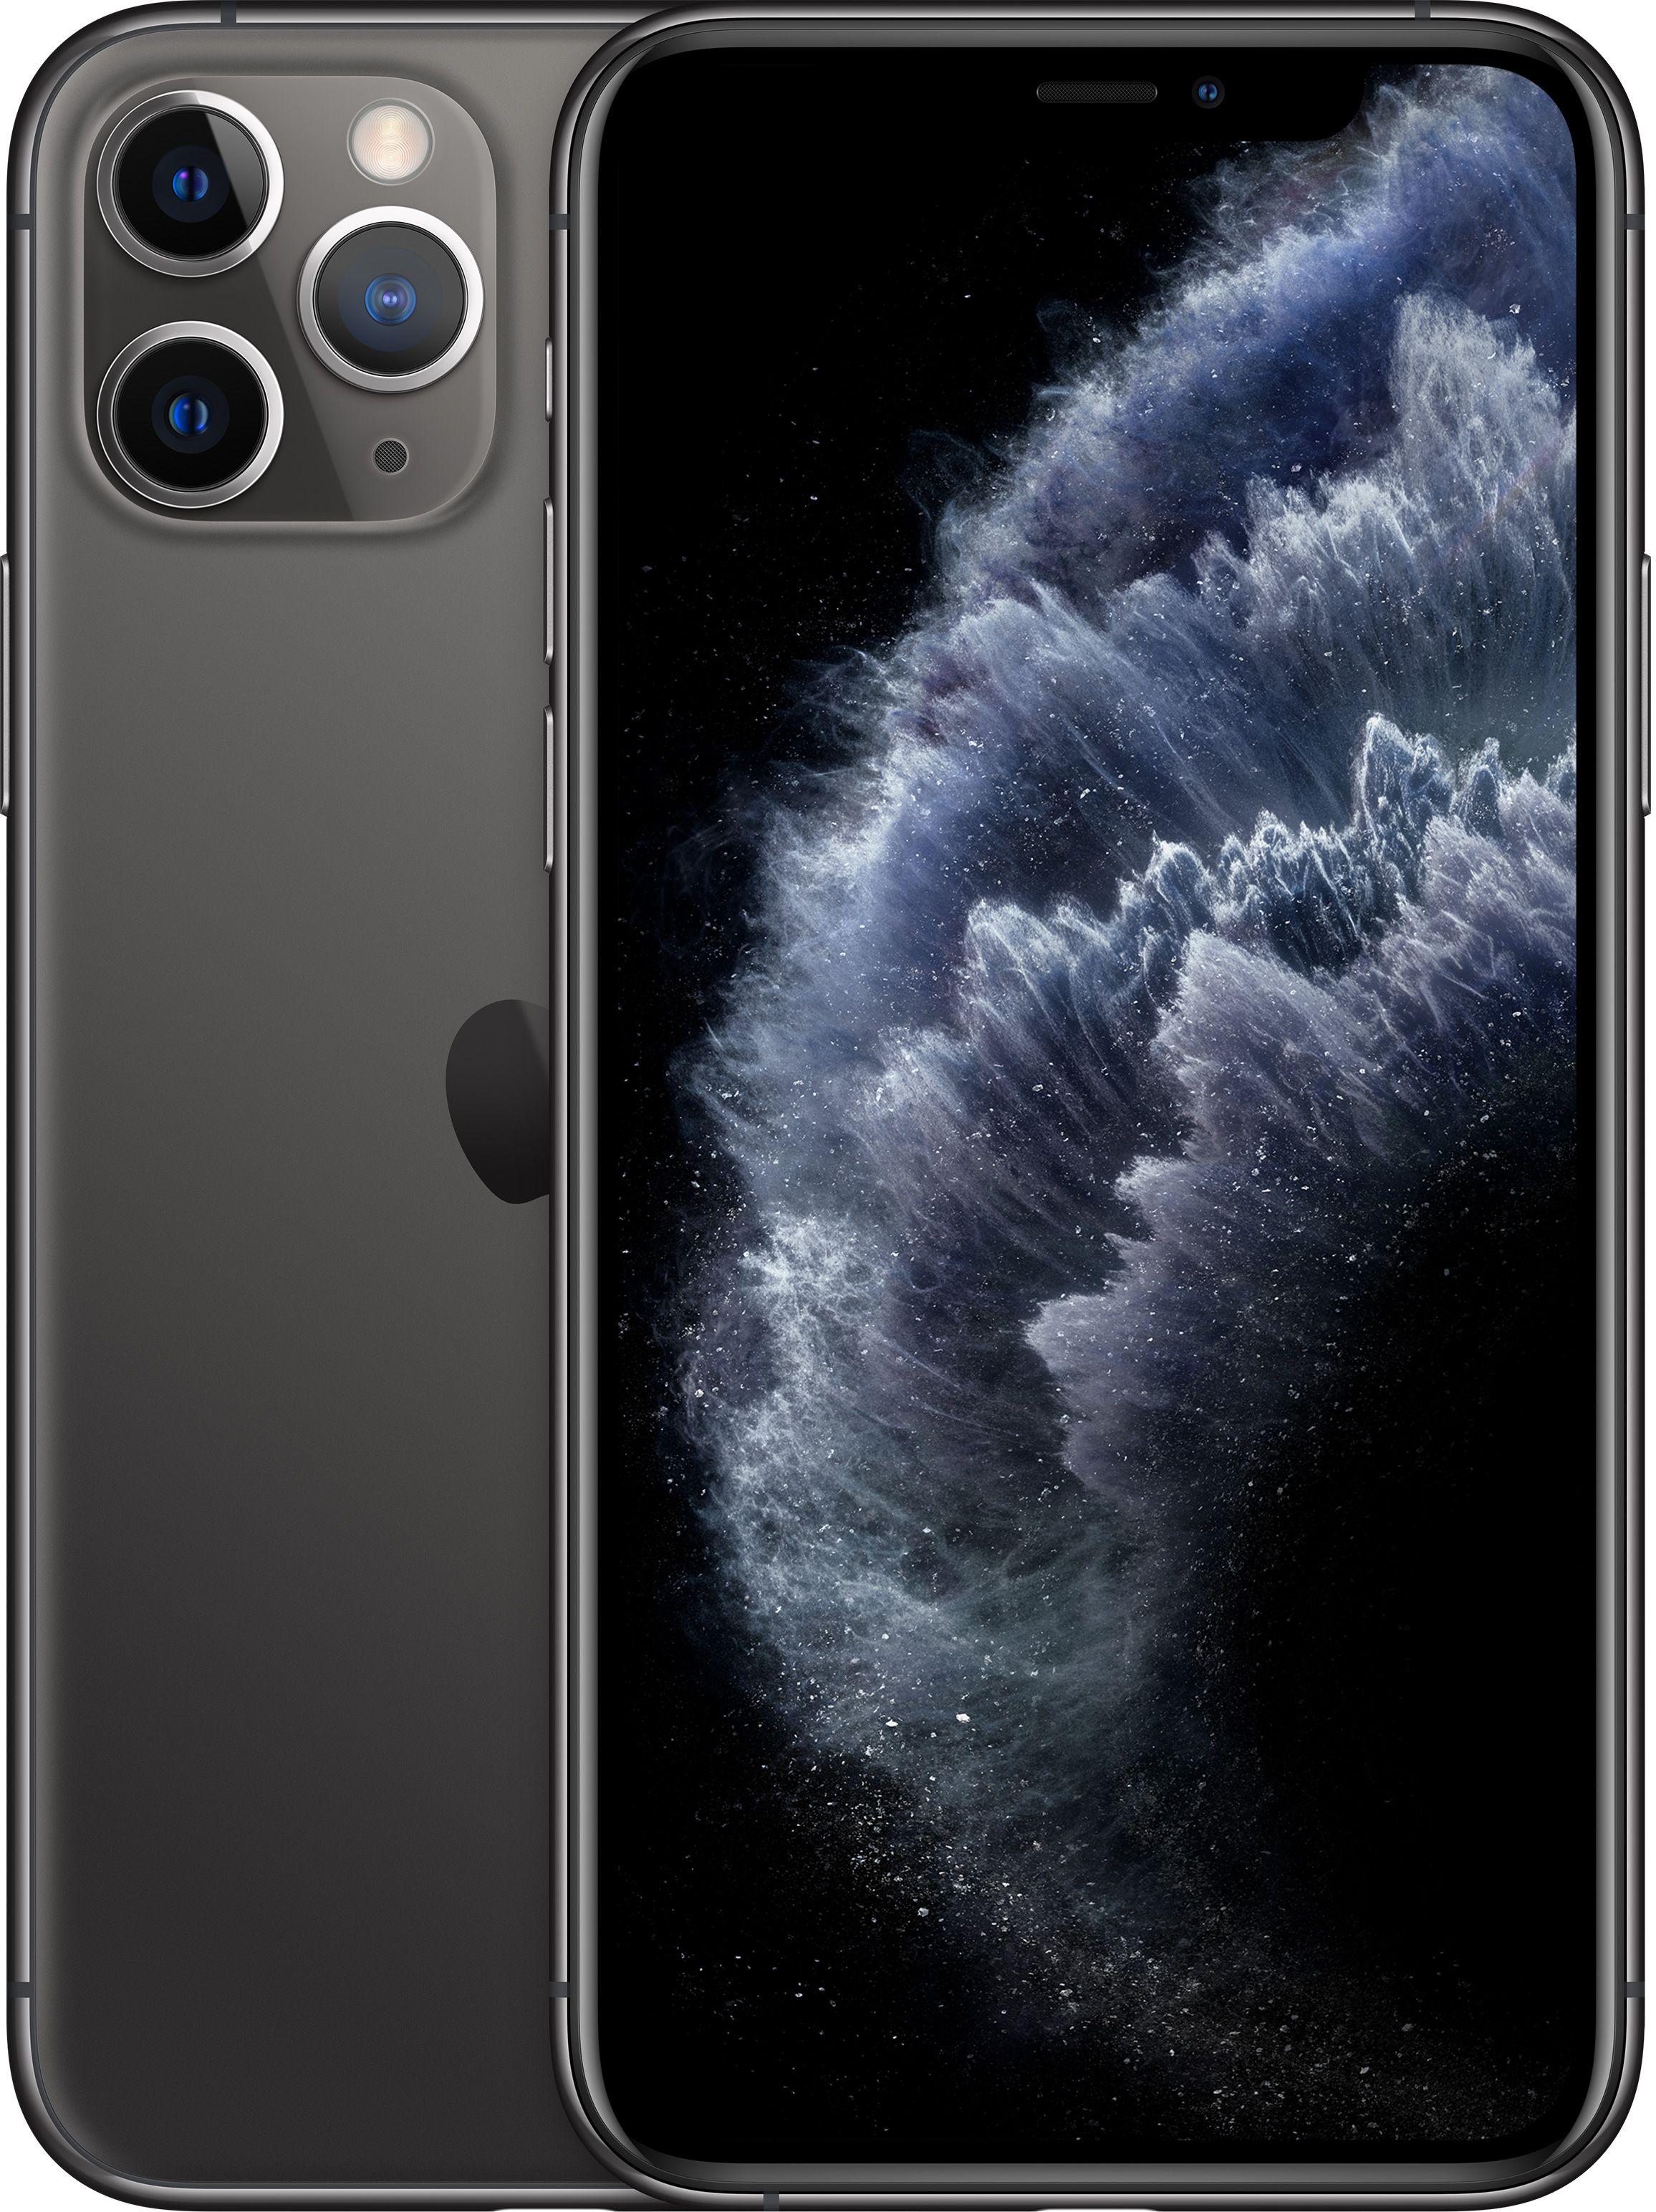 Мобильный телефон Apple iPhone 11 Pro 512GB (серый космос) фото